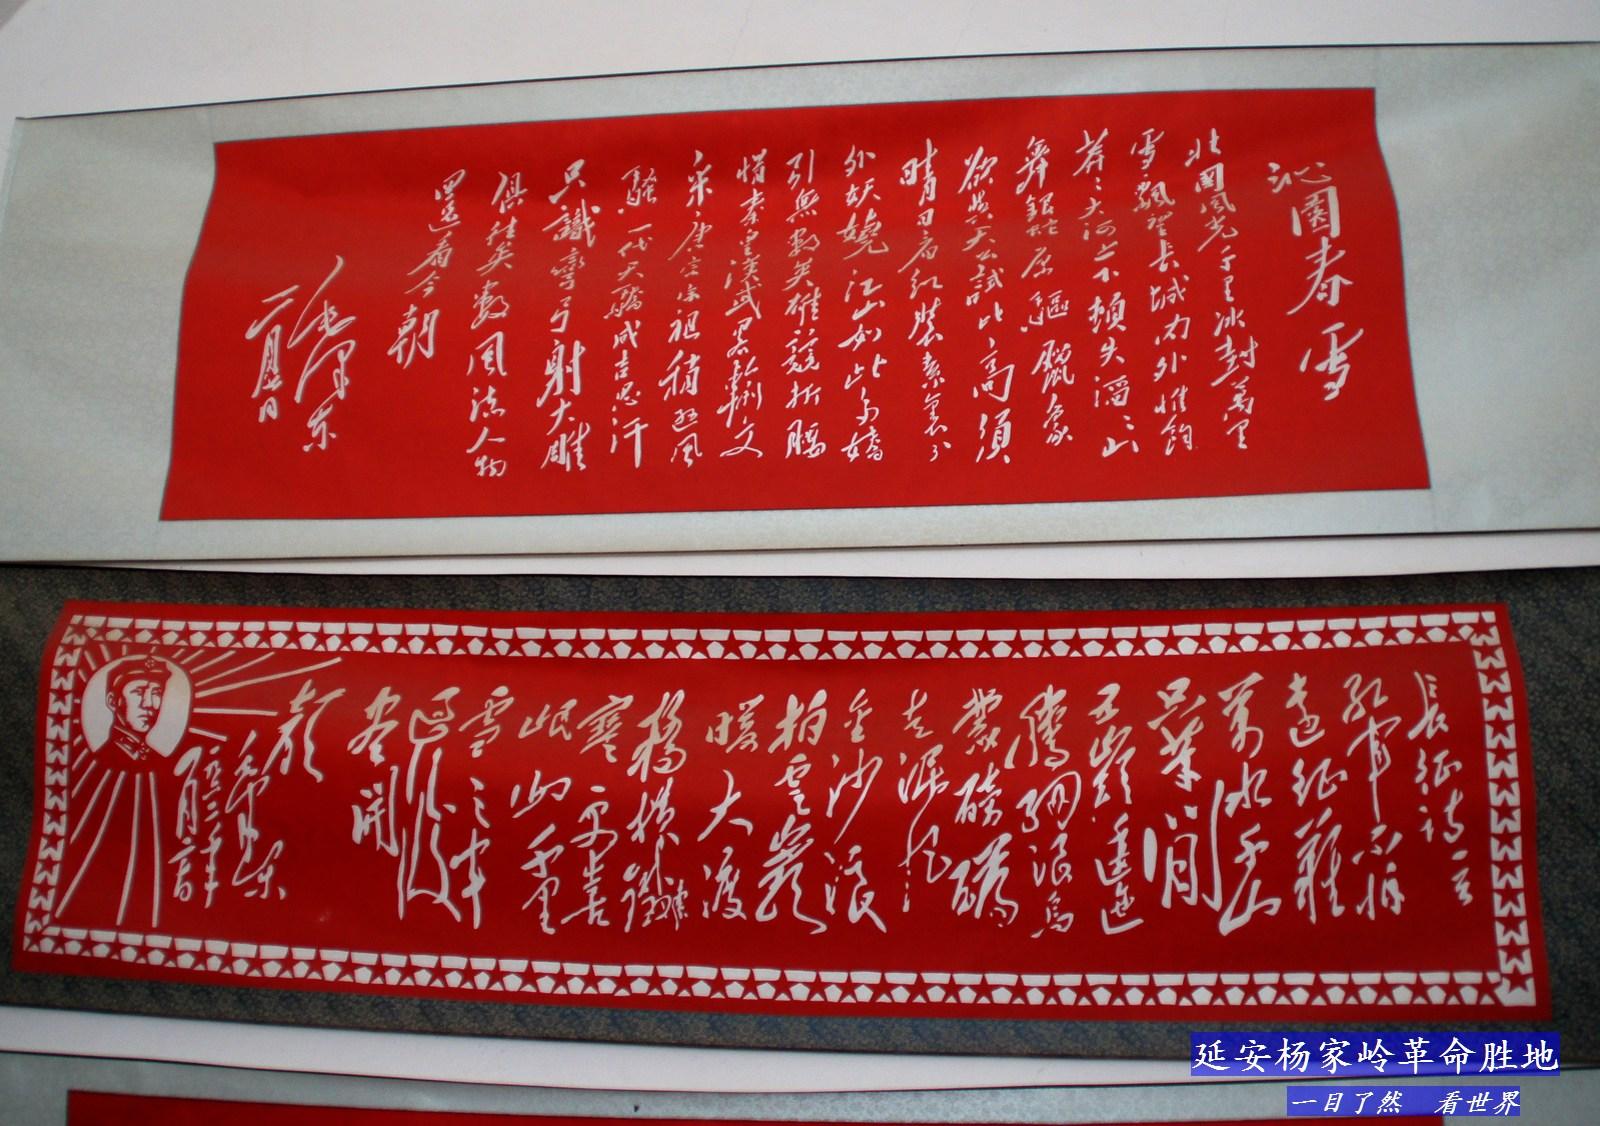 延安杨家岭革命胜地---63-1600.jpg